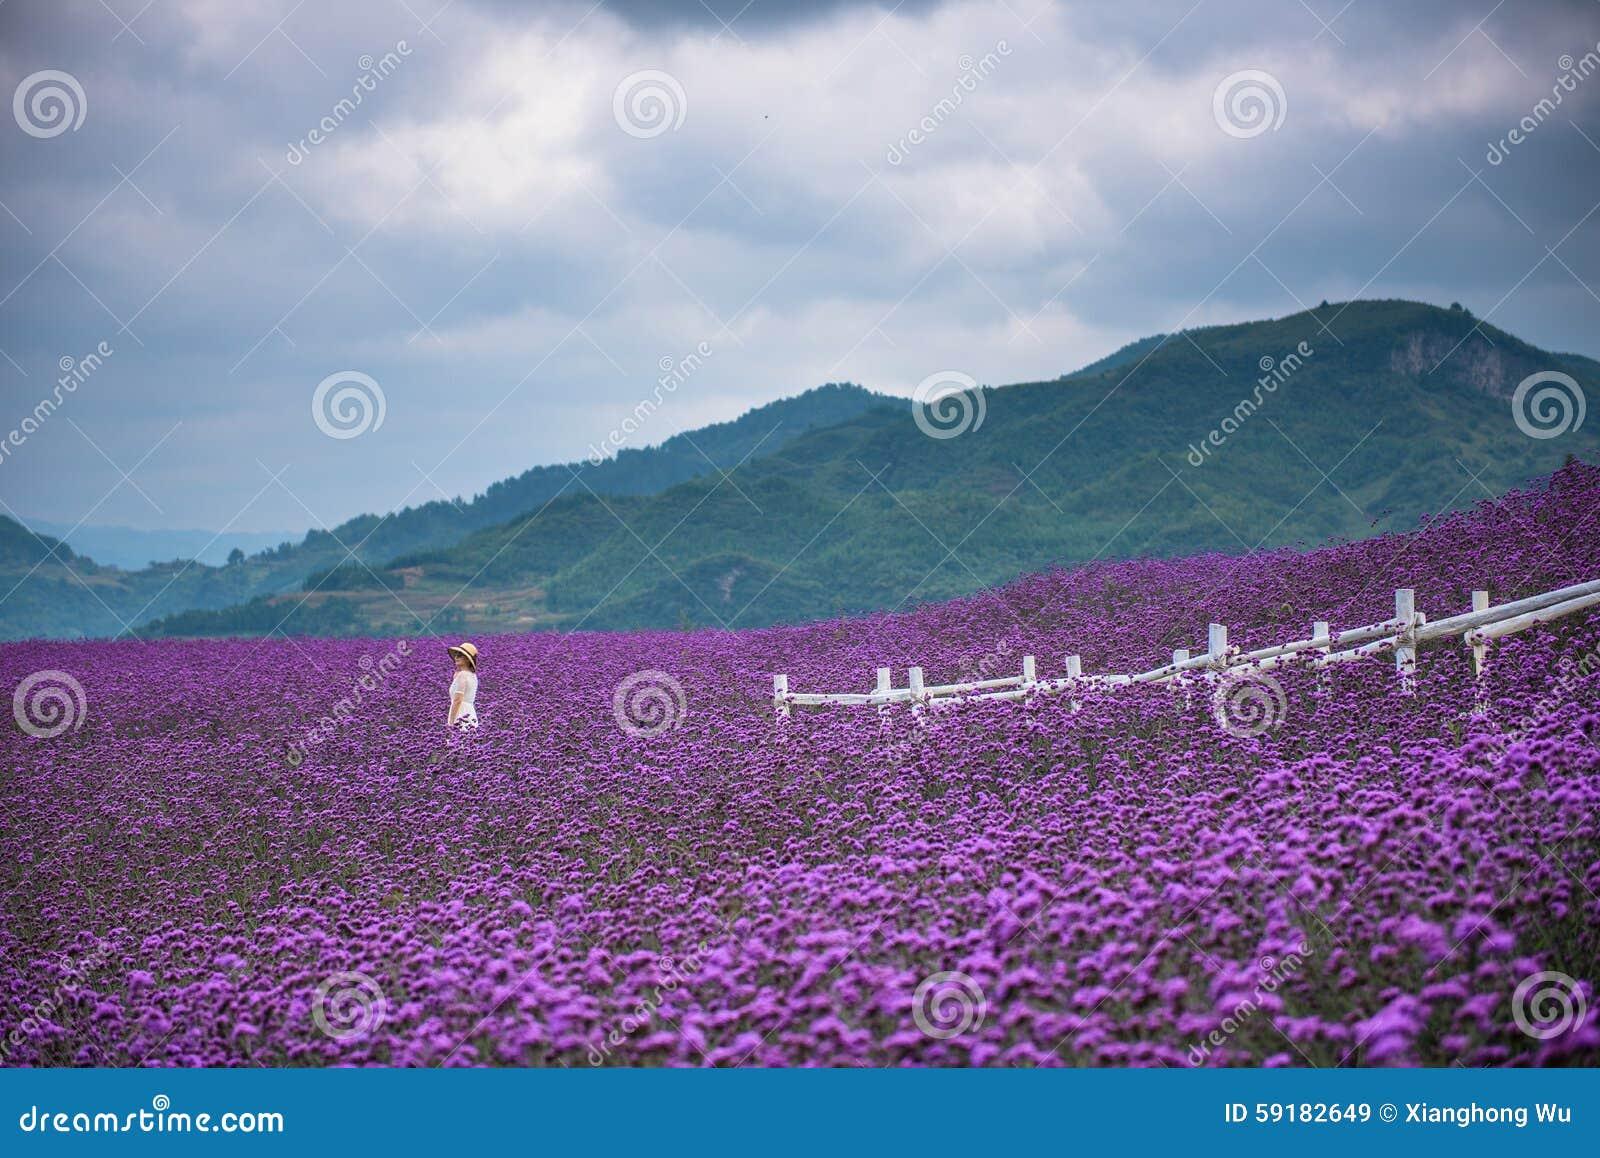 Enige vrouw op groot lavendelgebied